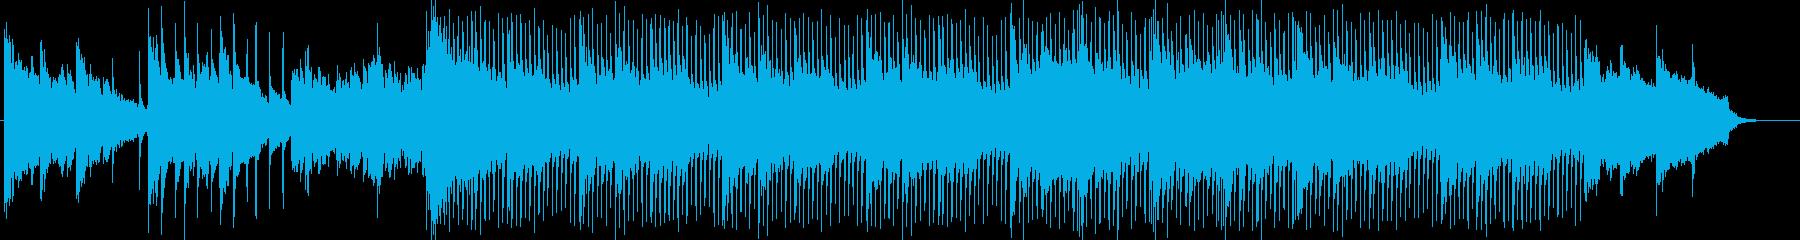 ピアノとストリングスによる綺麗なBGMの再生済みの波形